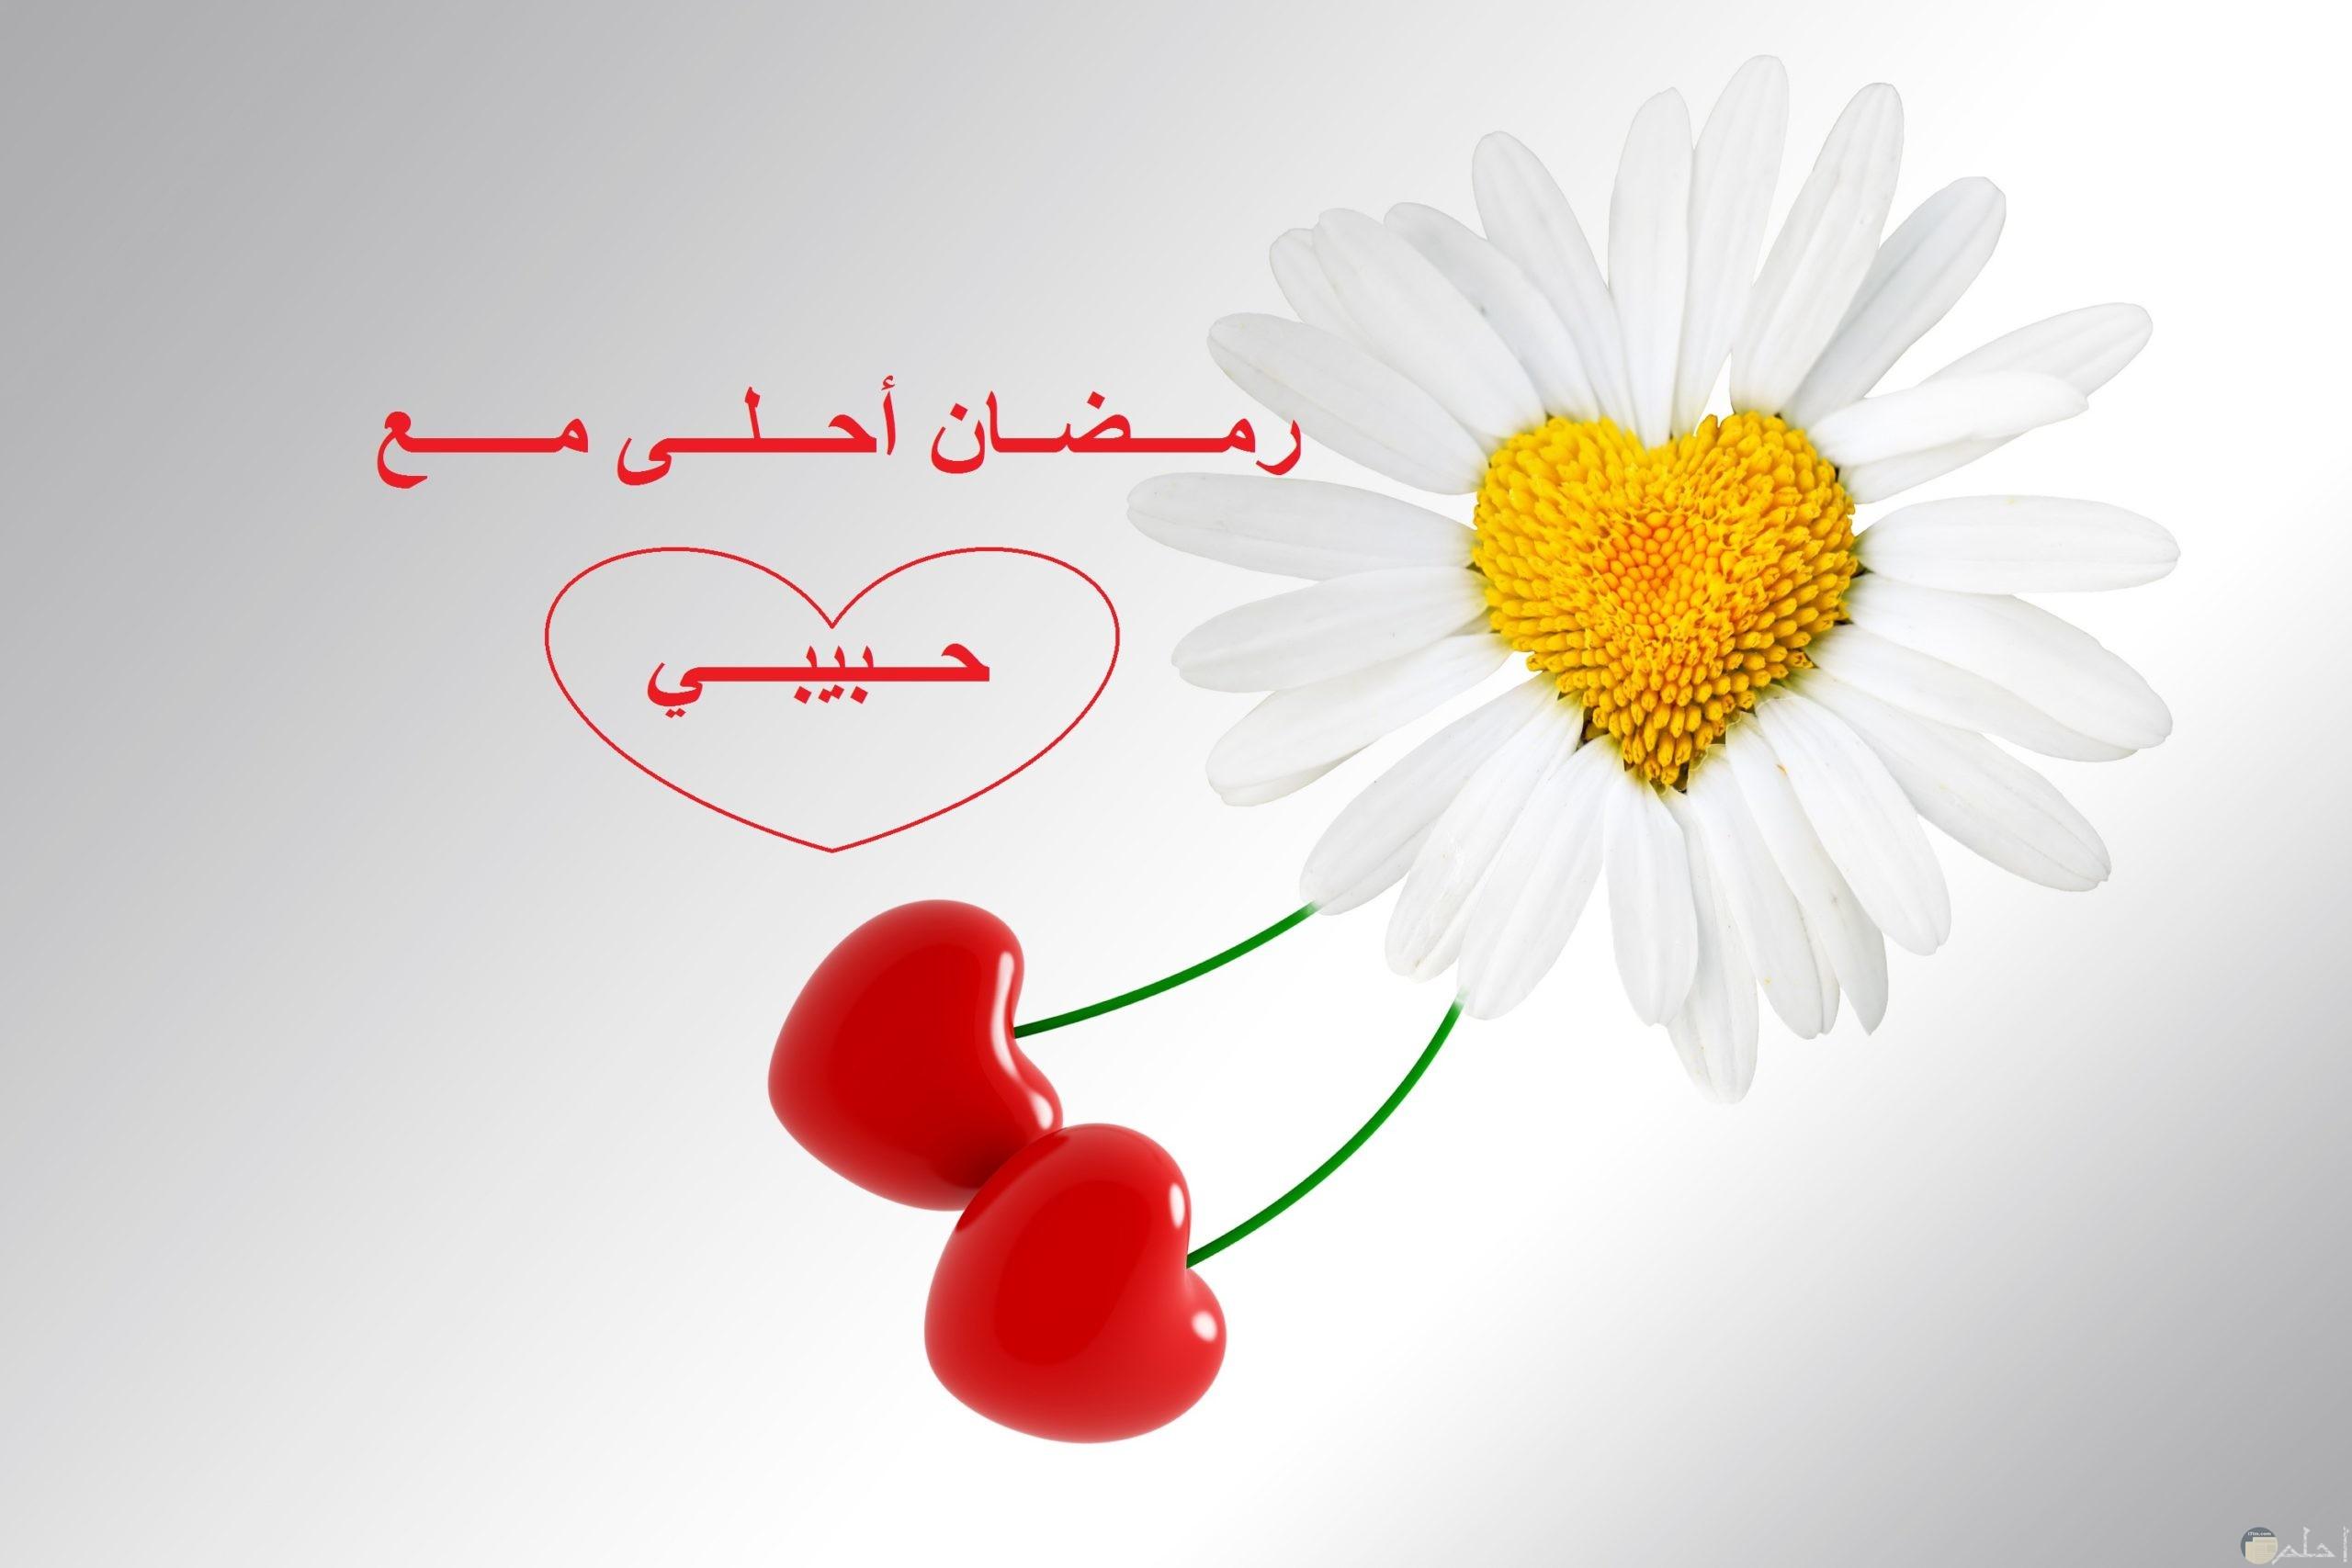 وردة بيضاء و قلبين، رمضان أحلى مع حبيبي.